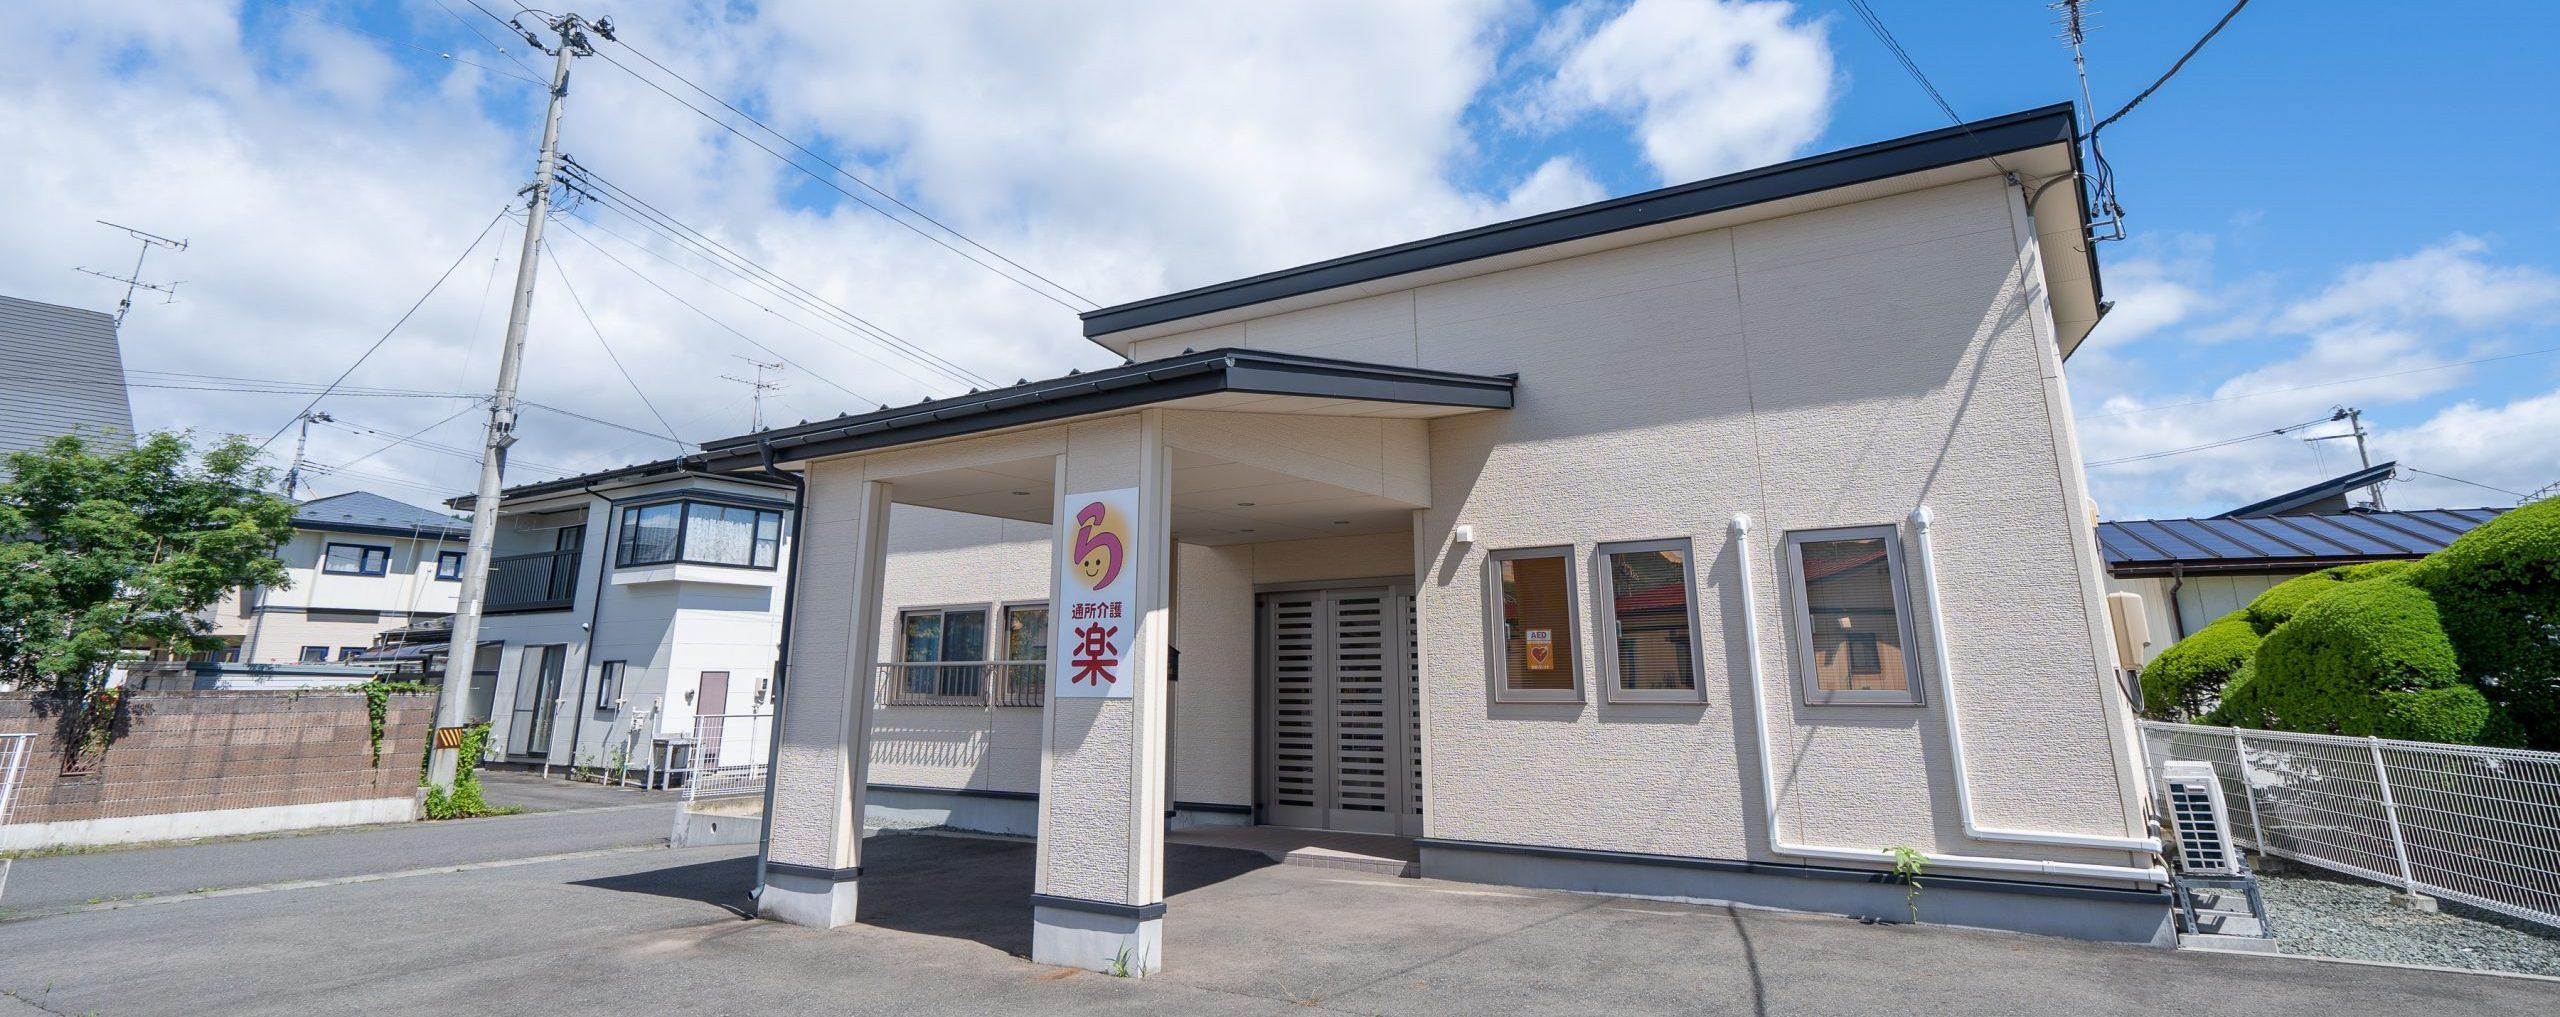 通所介護楽|岩手県滝沢市のロングデイサービス